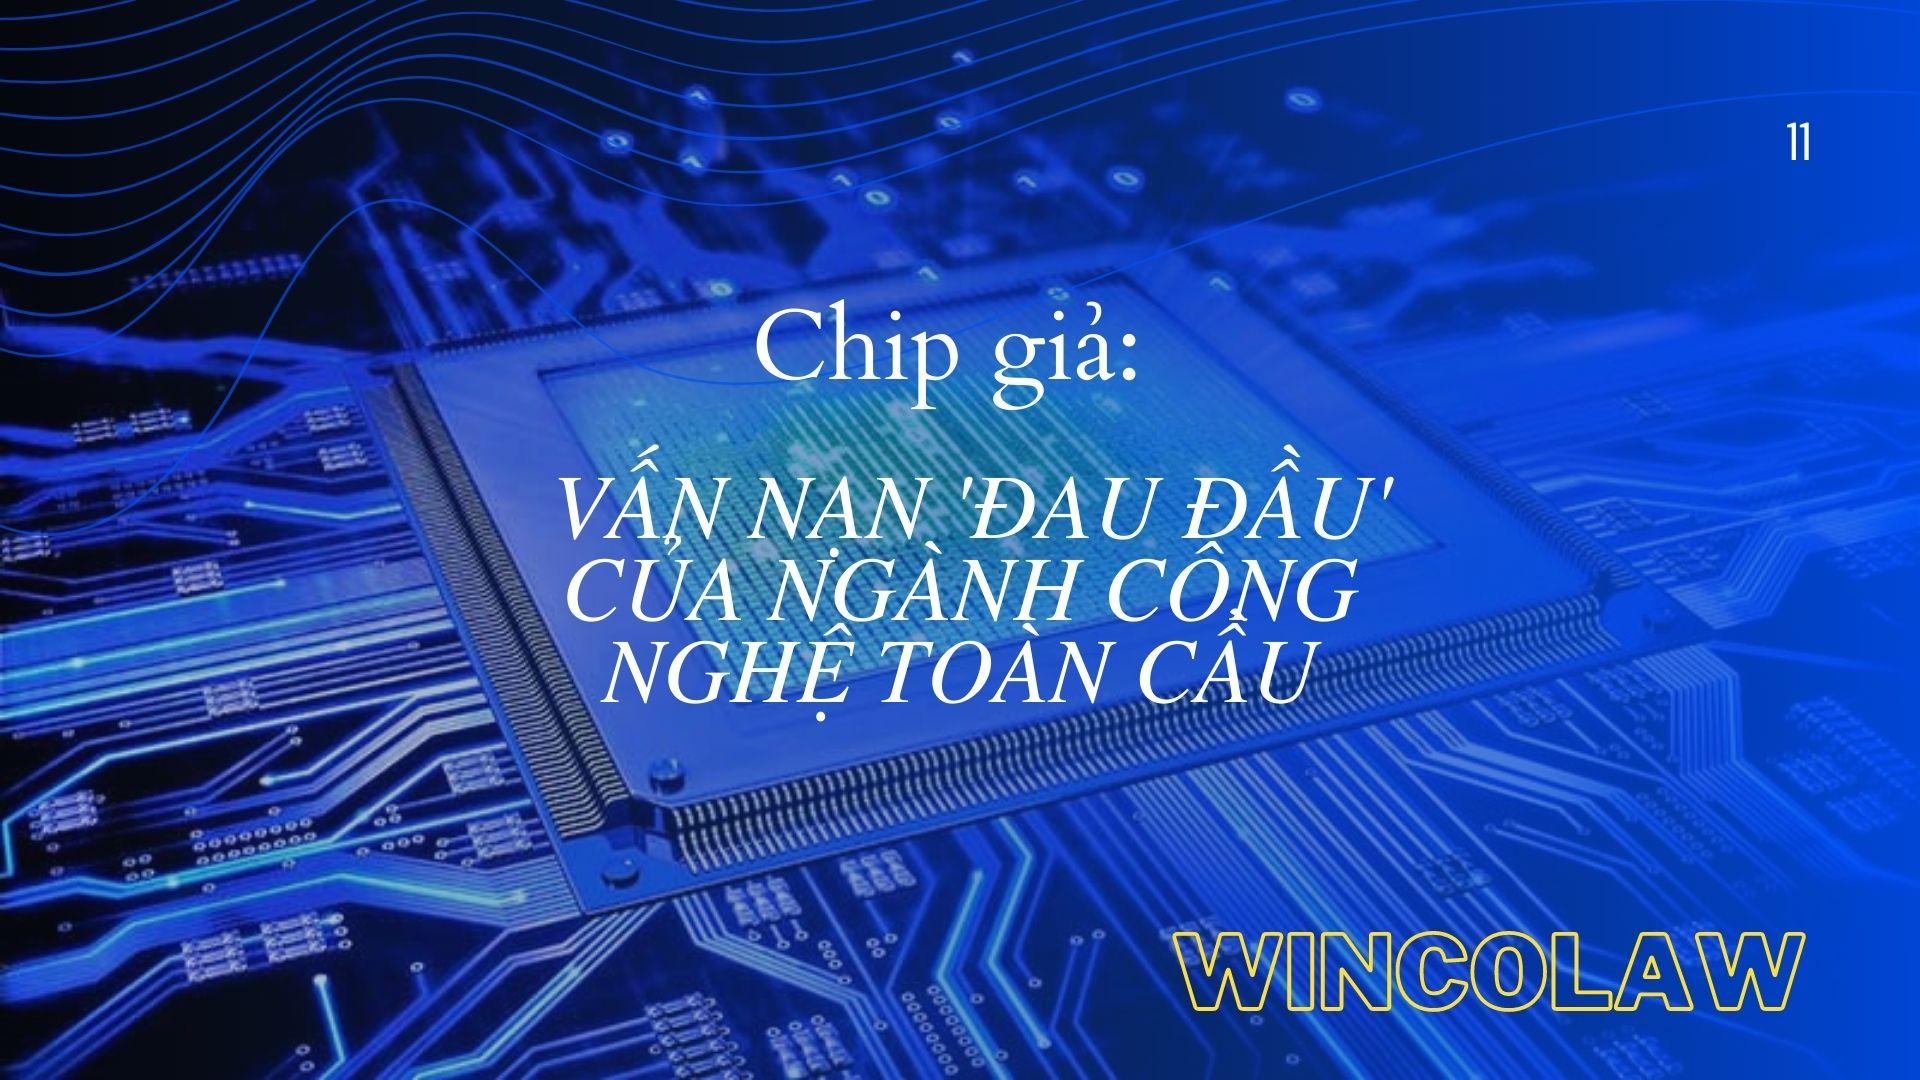 Chip giả: Vấn nạn 'đau đầu' của ngành công nghệ toàn cầu